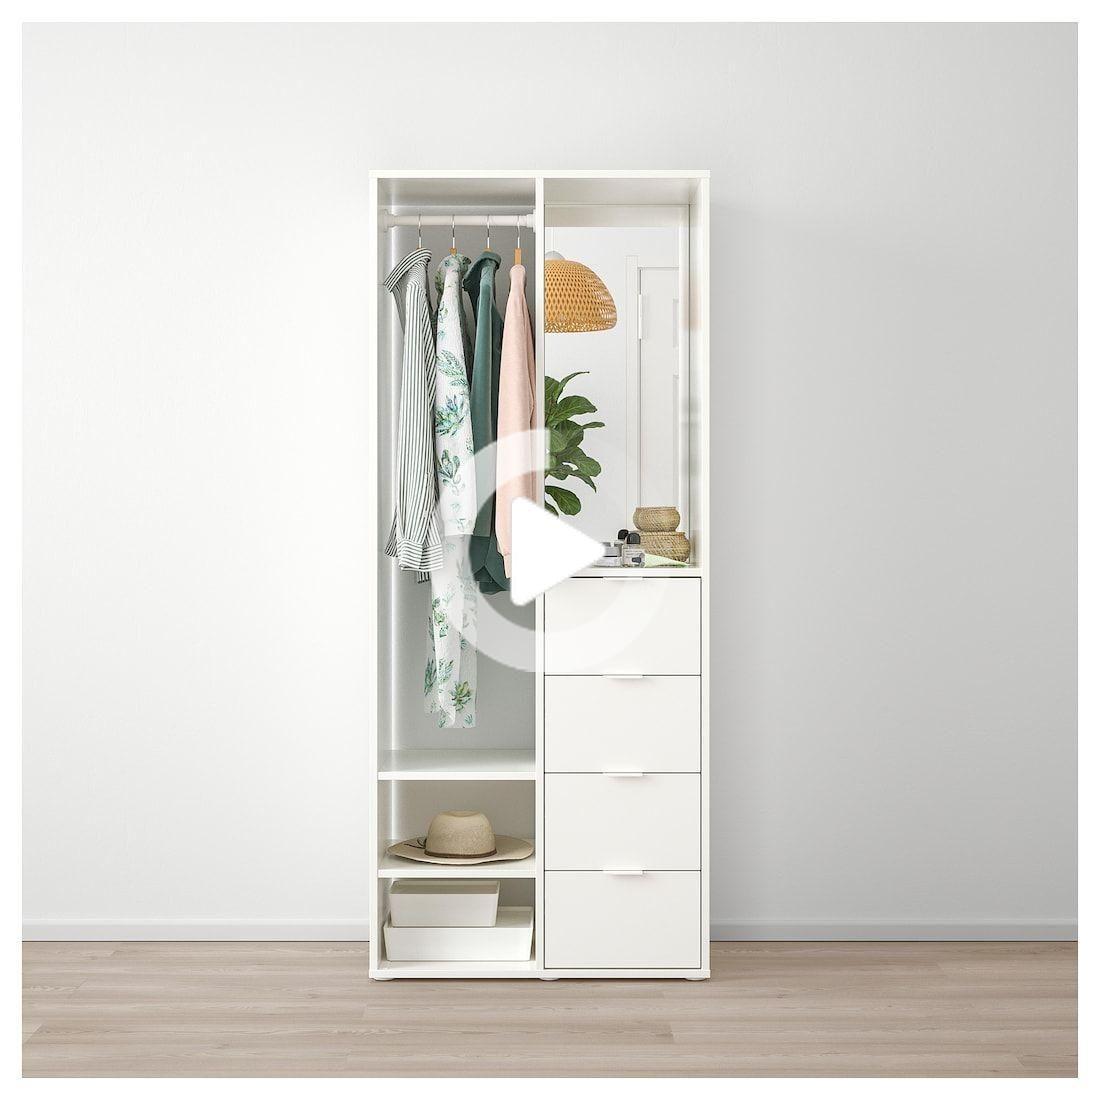 SUNDLANDET Open wardrobe - white - IKEA #fitness #fitnesstricks